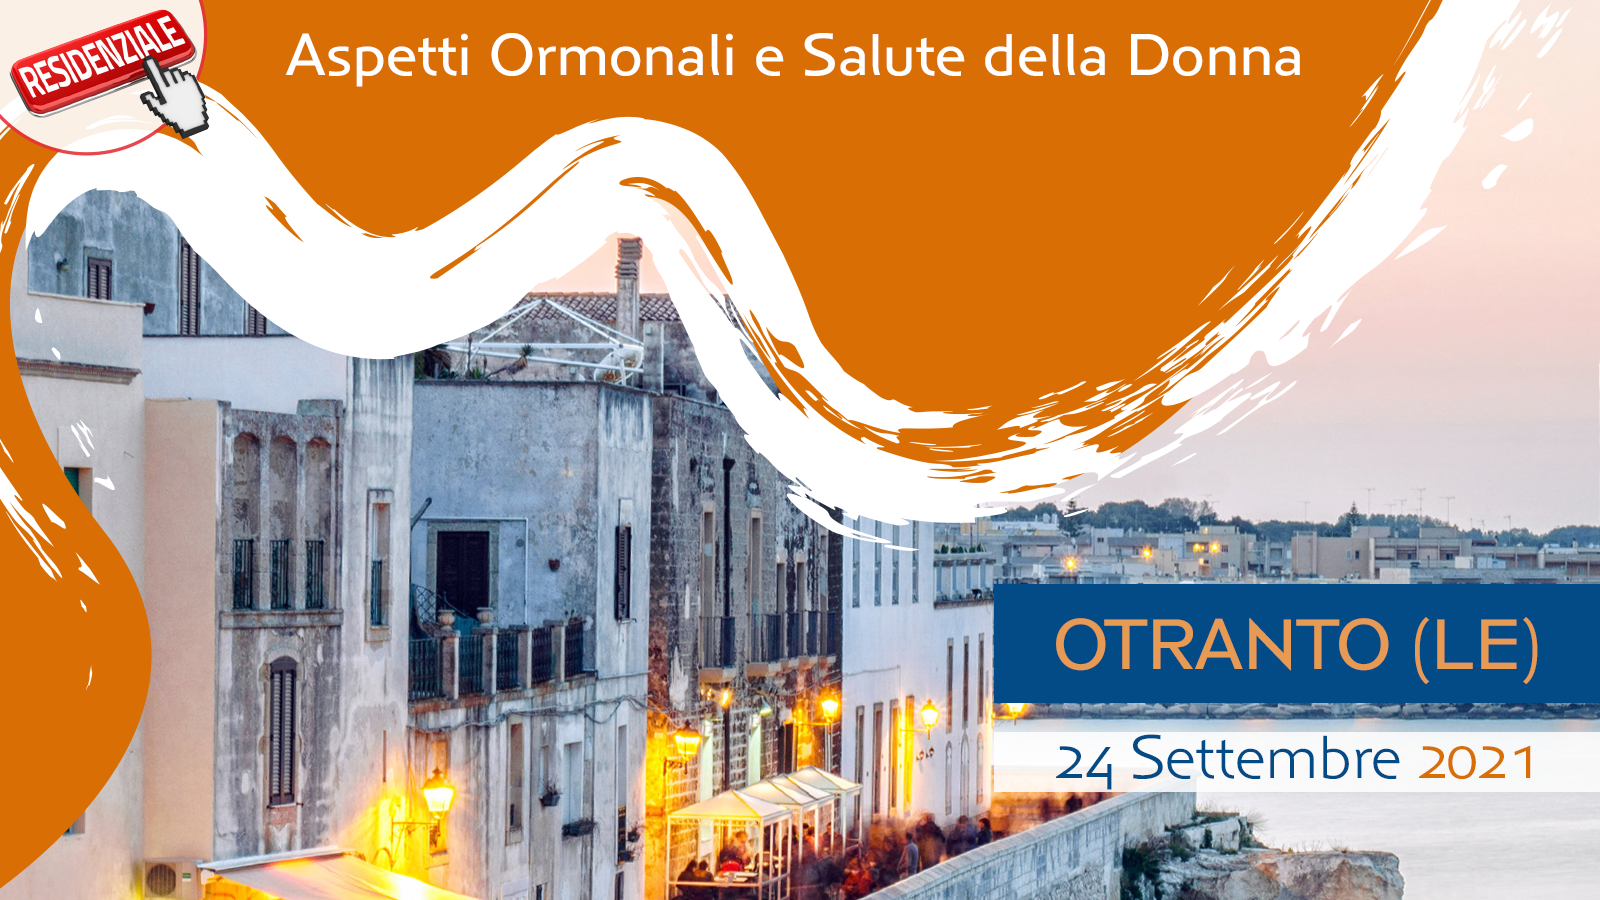 Aspetti Ormonali e Salute della Donna – Otranto